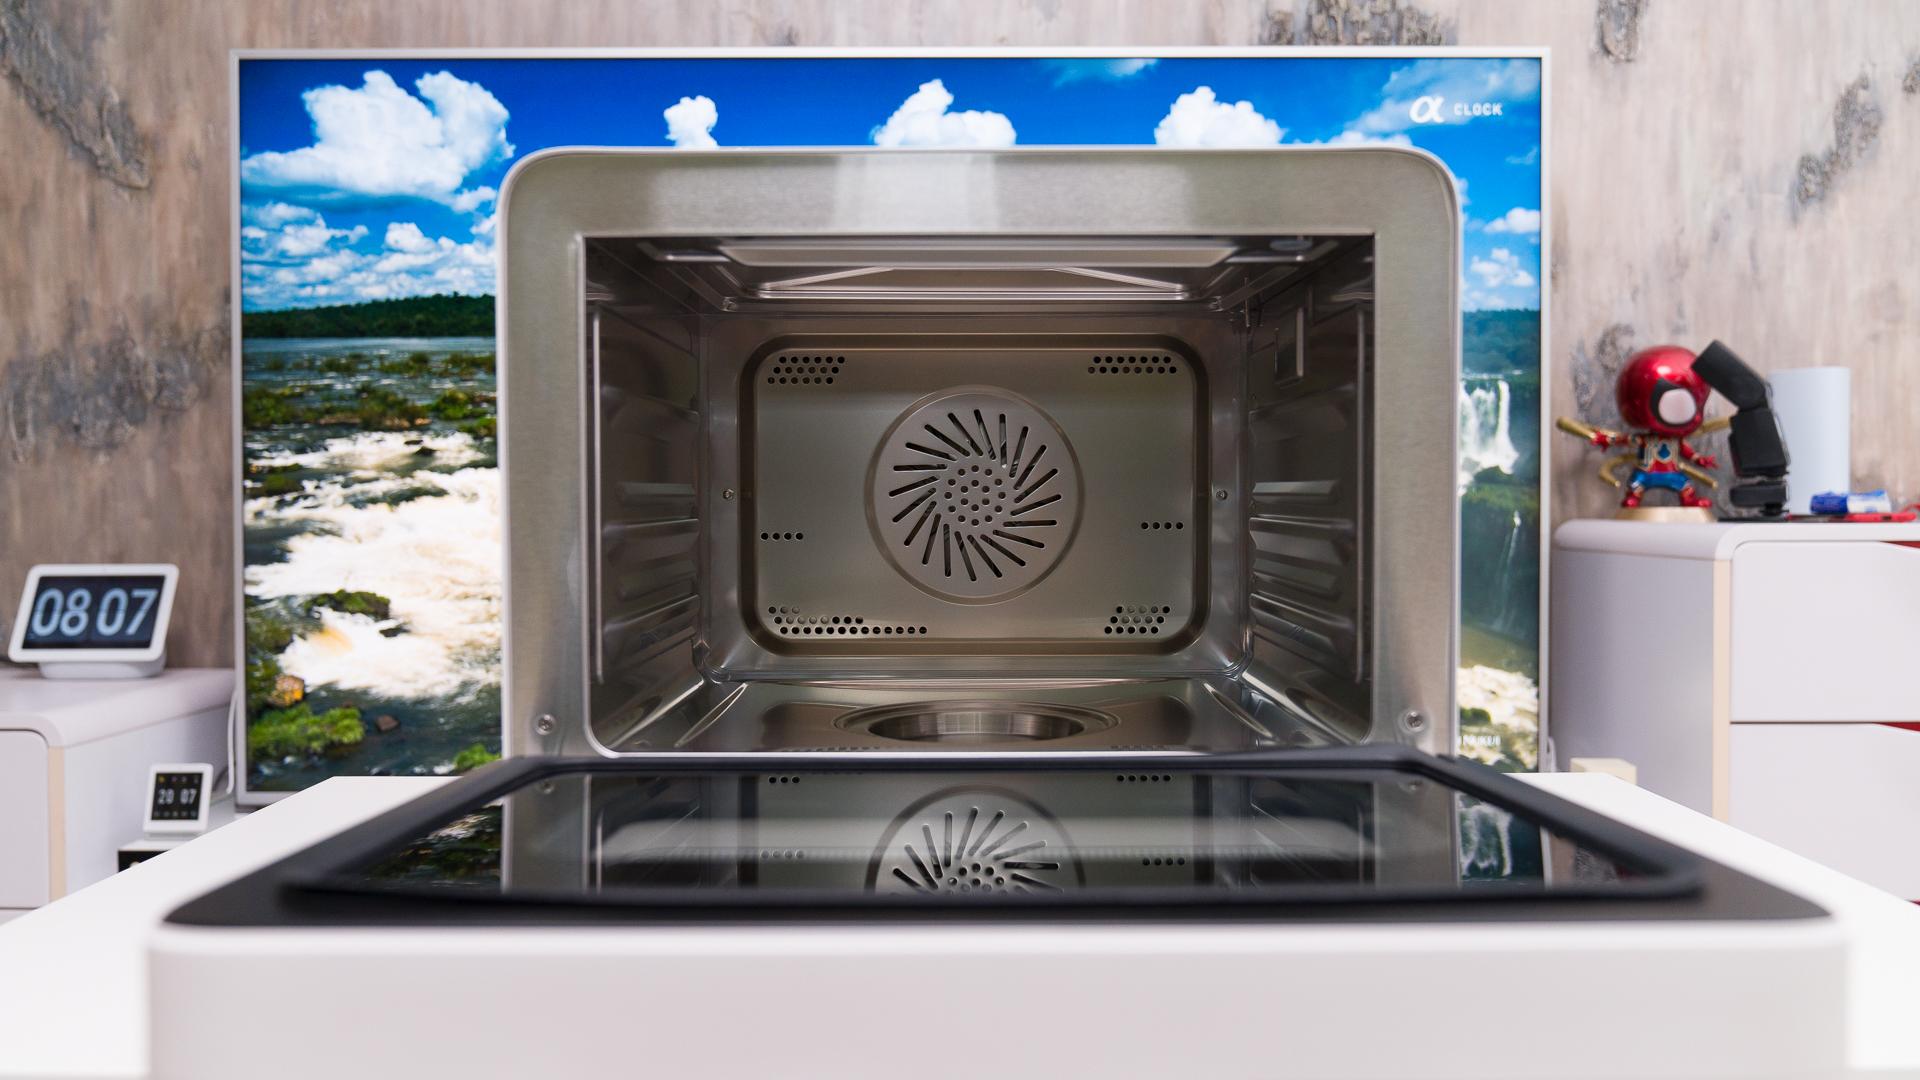 小米要占领厨房了?家里第四件小米厨电,米家智能蒸烤箱好用吗?